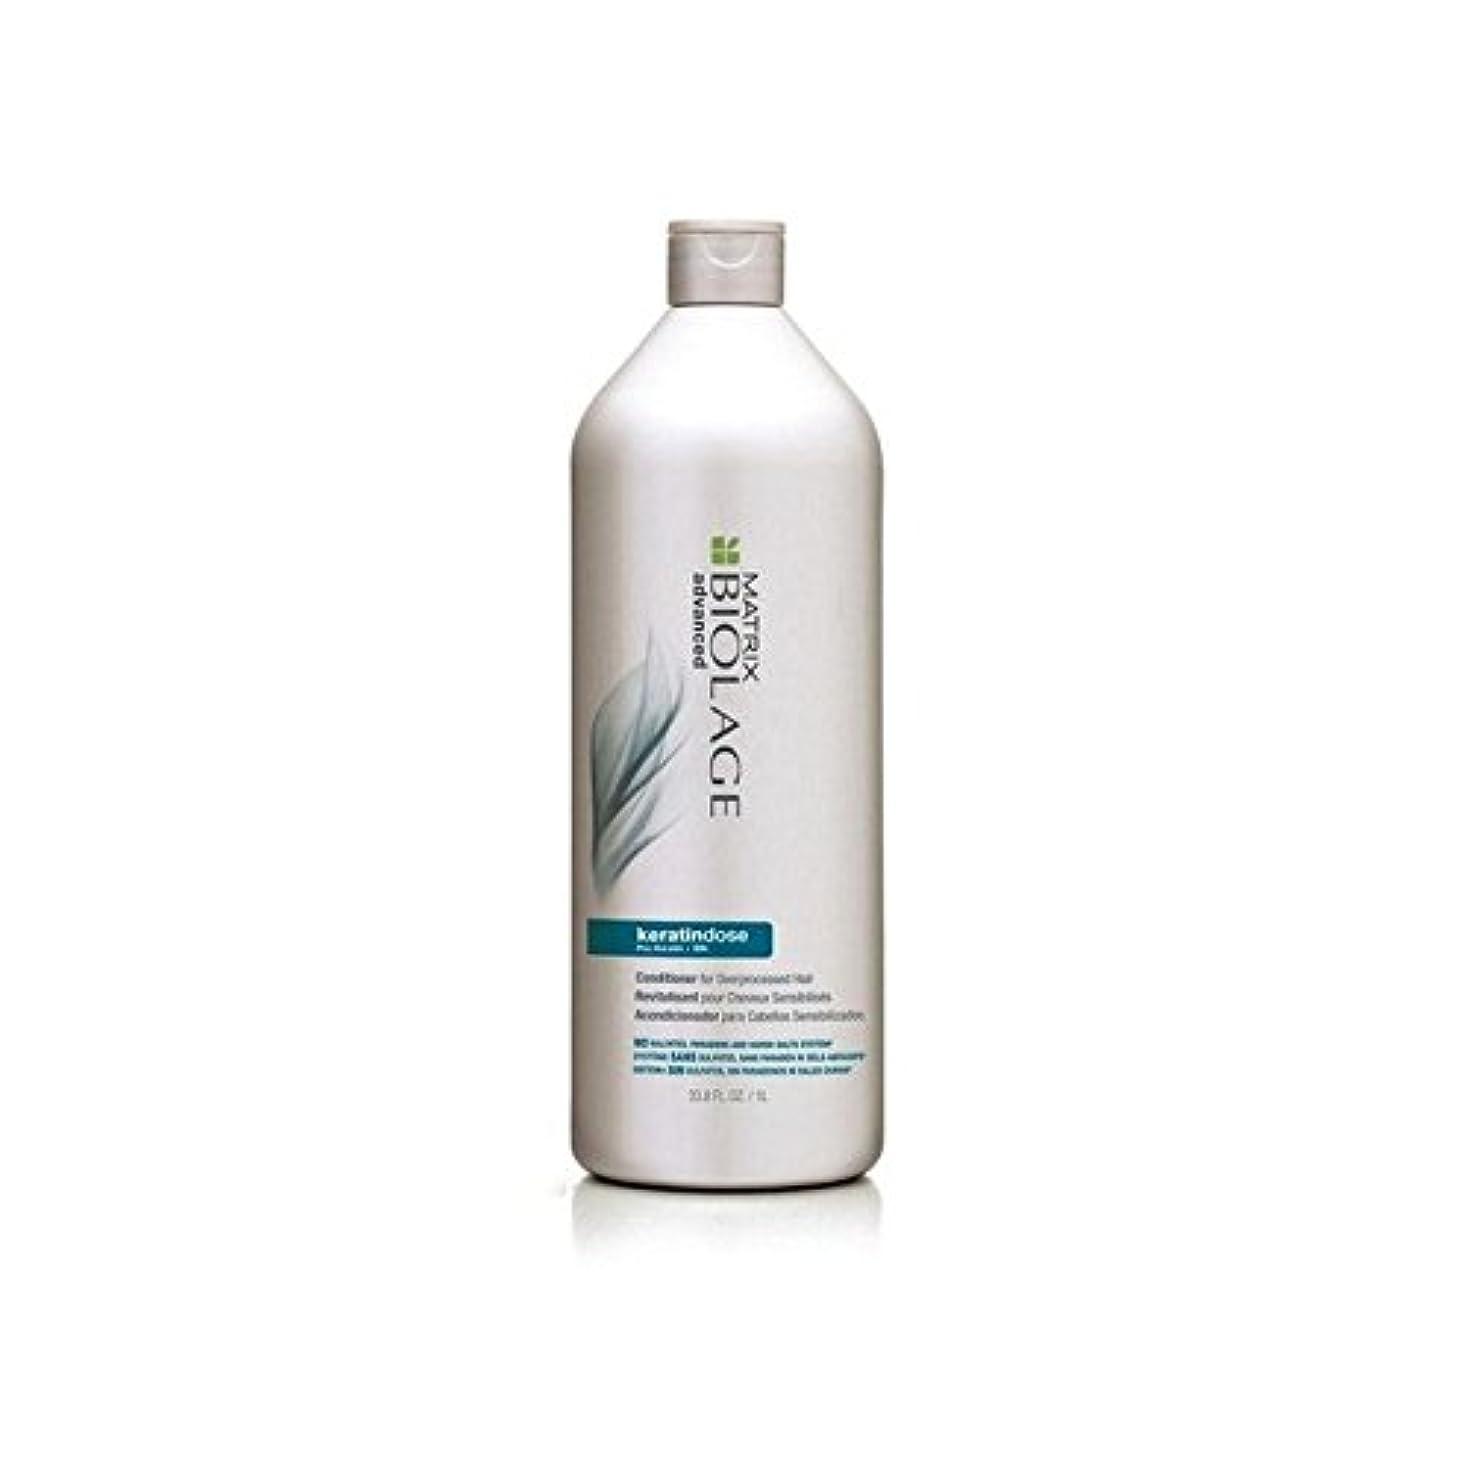 パース多年生通路Matrix Biolage Keratindose Conditioner (1000ml) (Pack of 6) - マトリックスバイオレイジコンディショナー(千ミリリットル) x6 [並行輸入品]